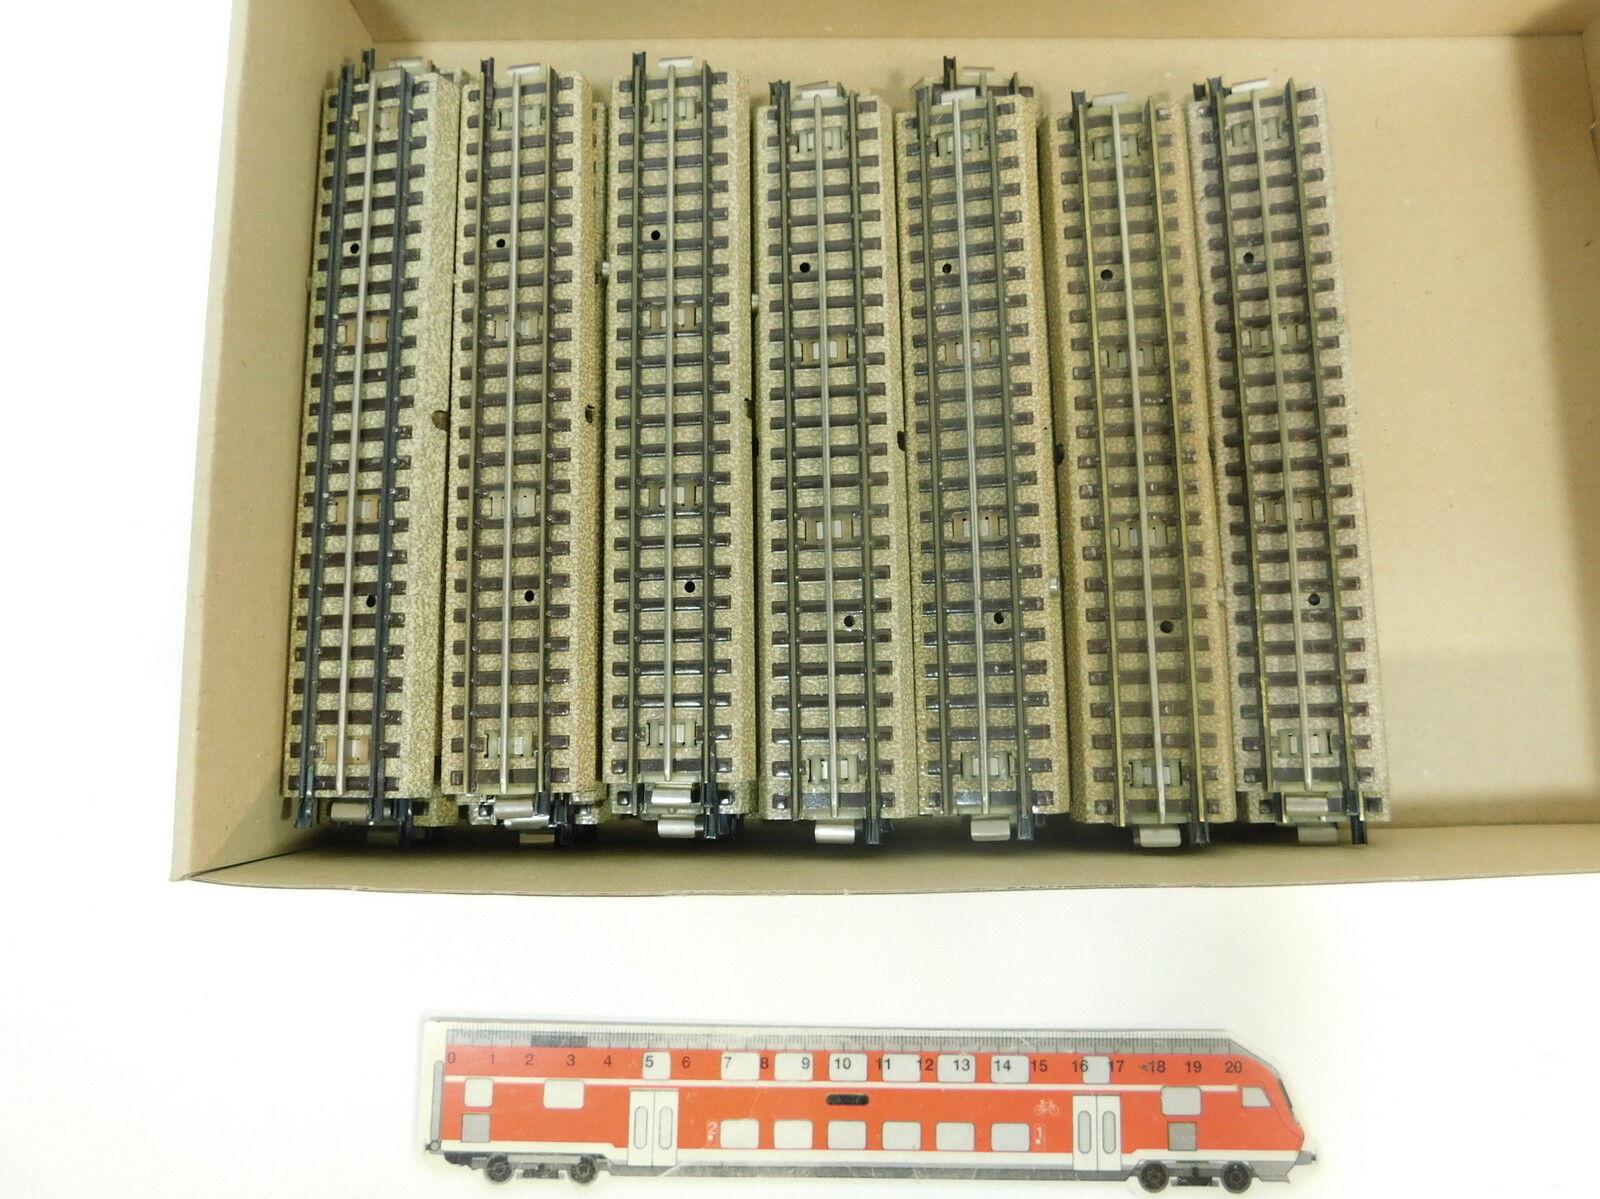 Bc67-2  35x marklin h0 00 ac pezzo di binario ferrovia M-Binario F. 3600 800 capo fondi